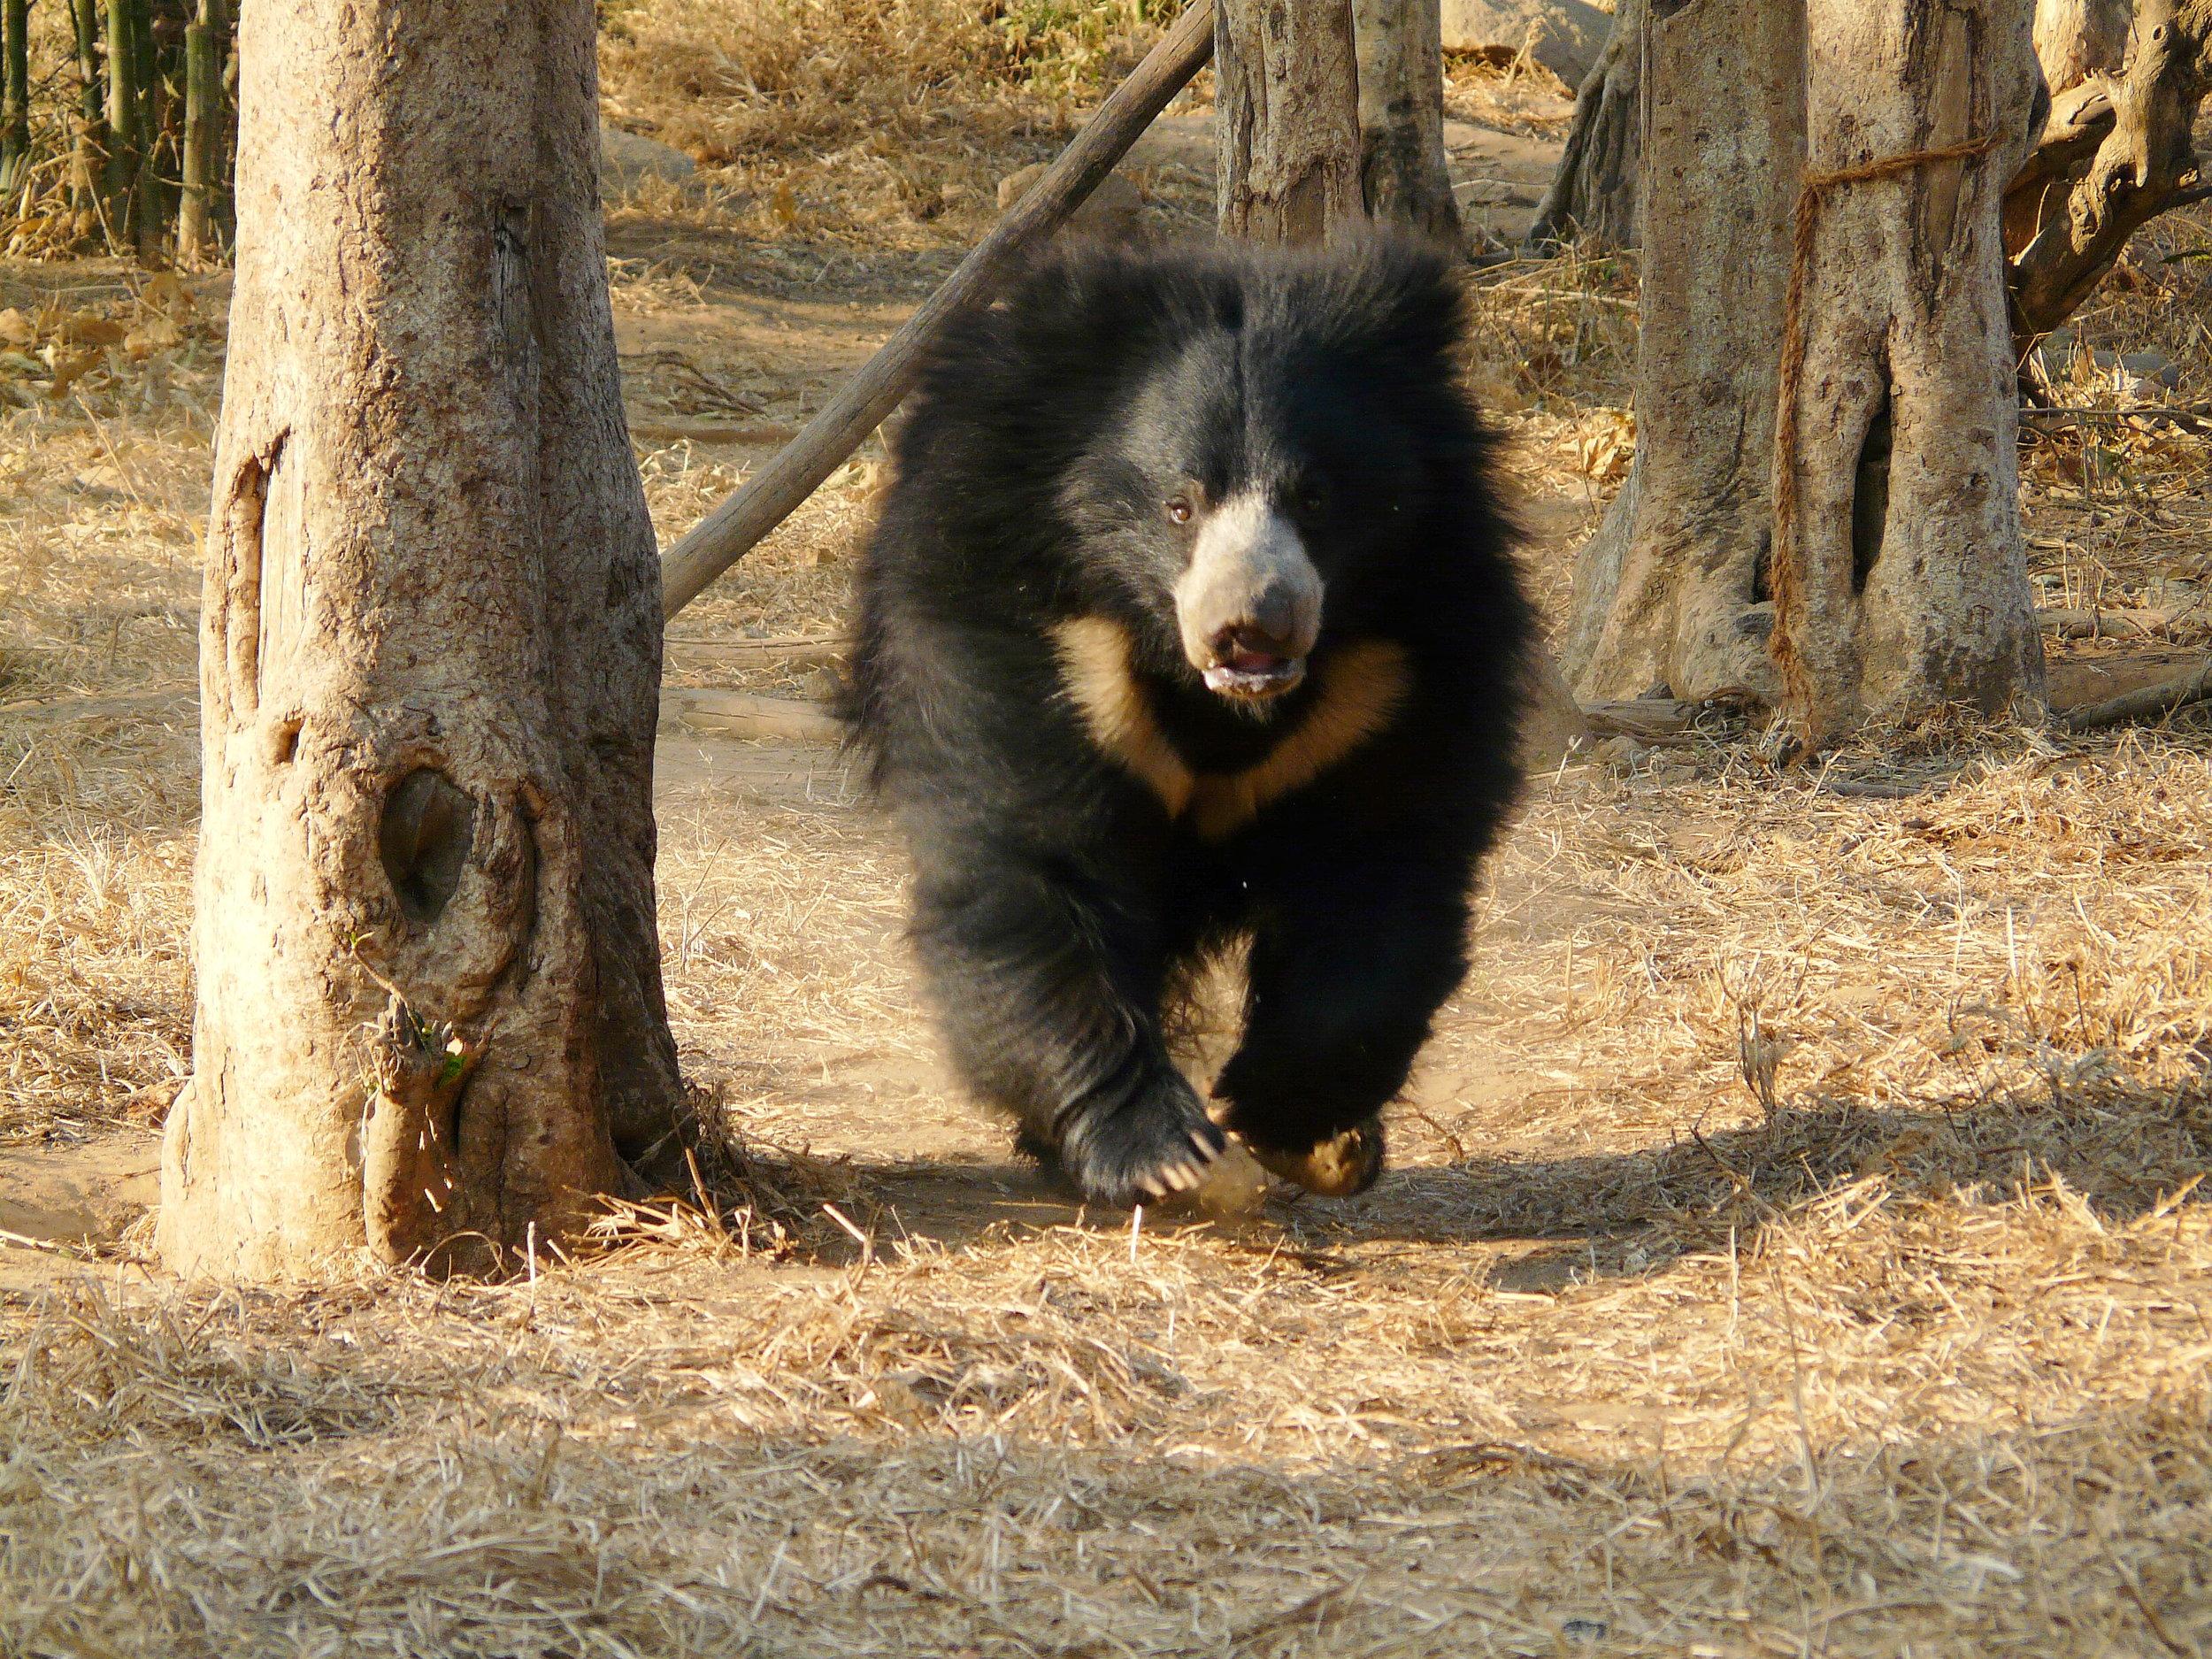 Photo: wildlifesos.org